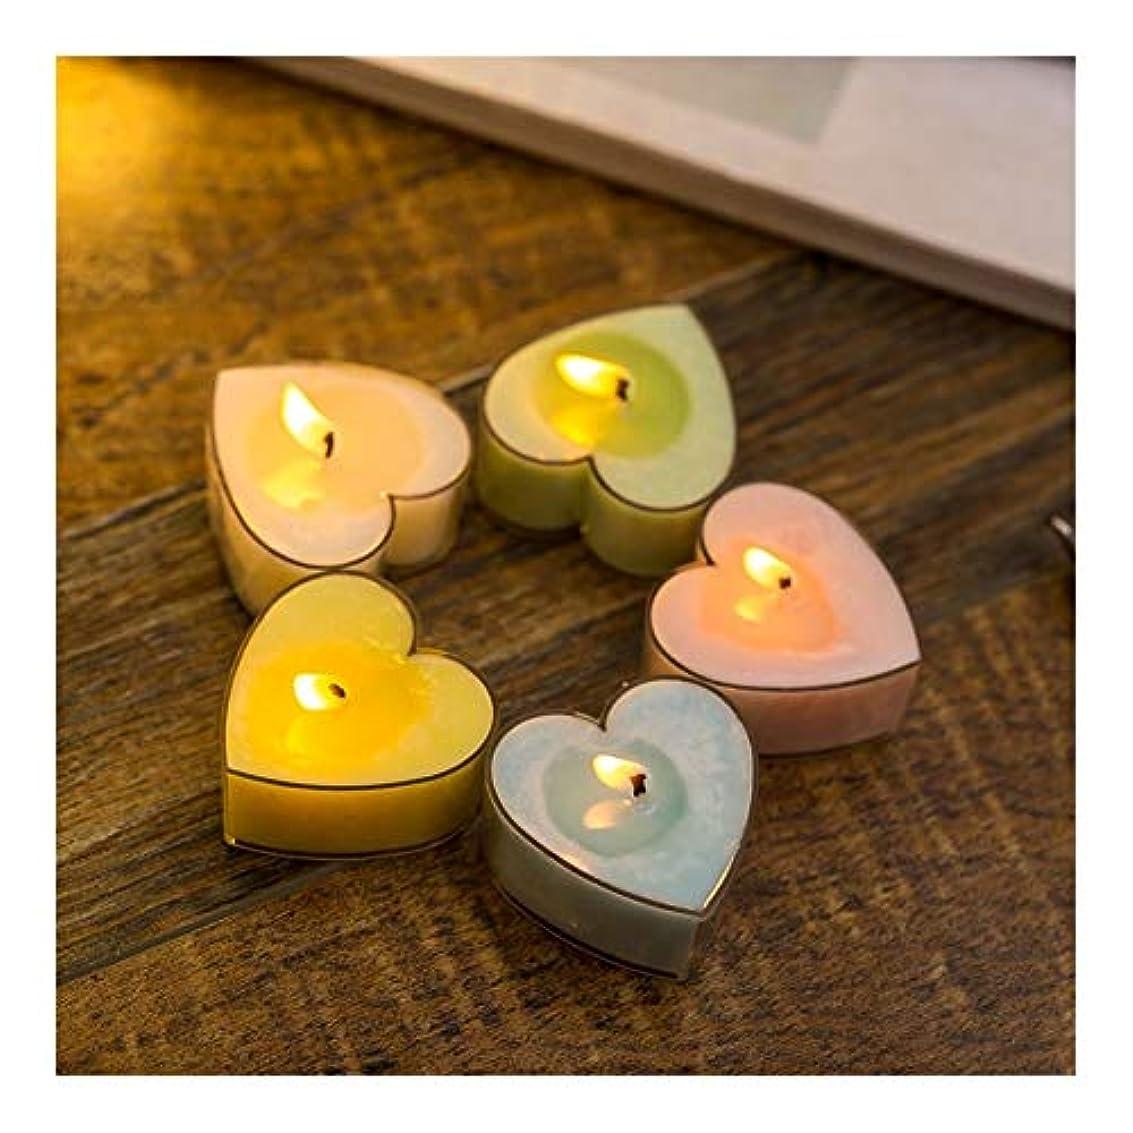 従事した面白い教会Ztian 家の多彩なモモの中心の香料入りの蝋燭のカップルの悪いギフトの小さい蝋燭 (色 : Marriage)